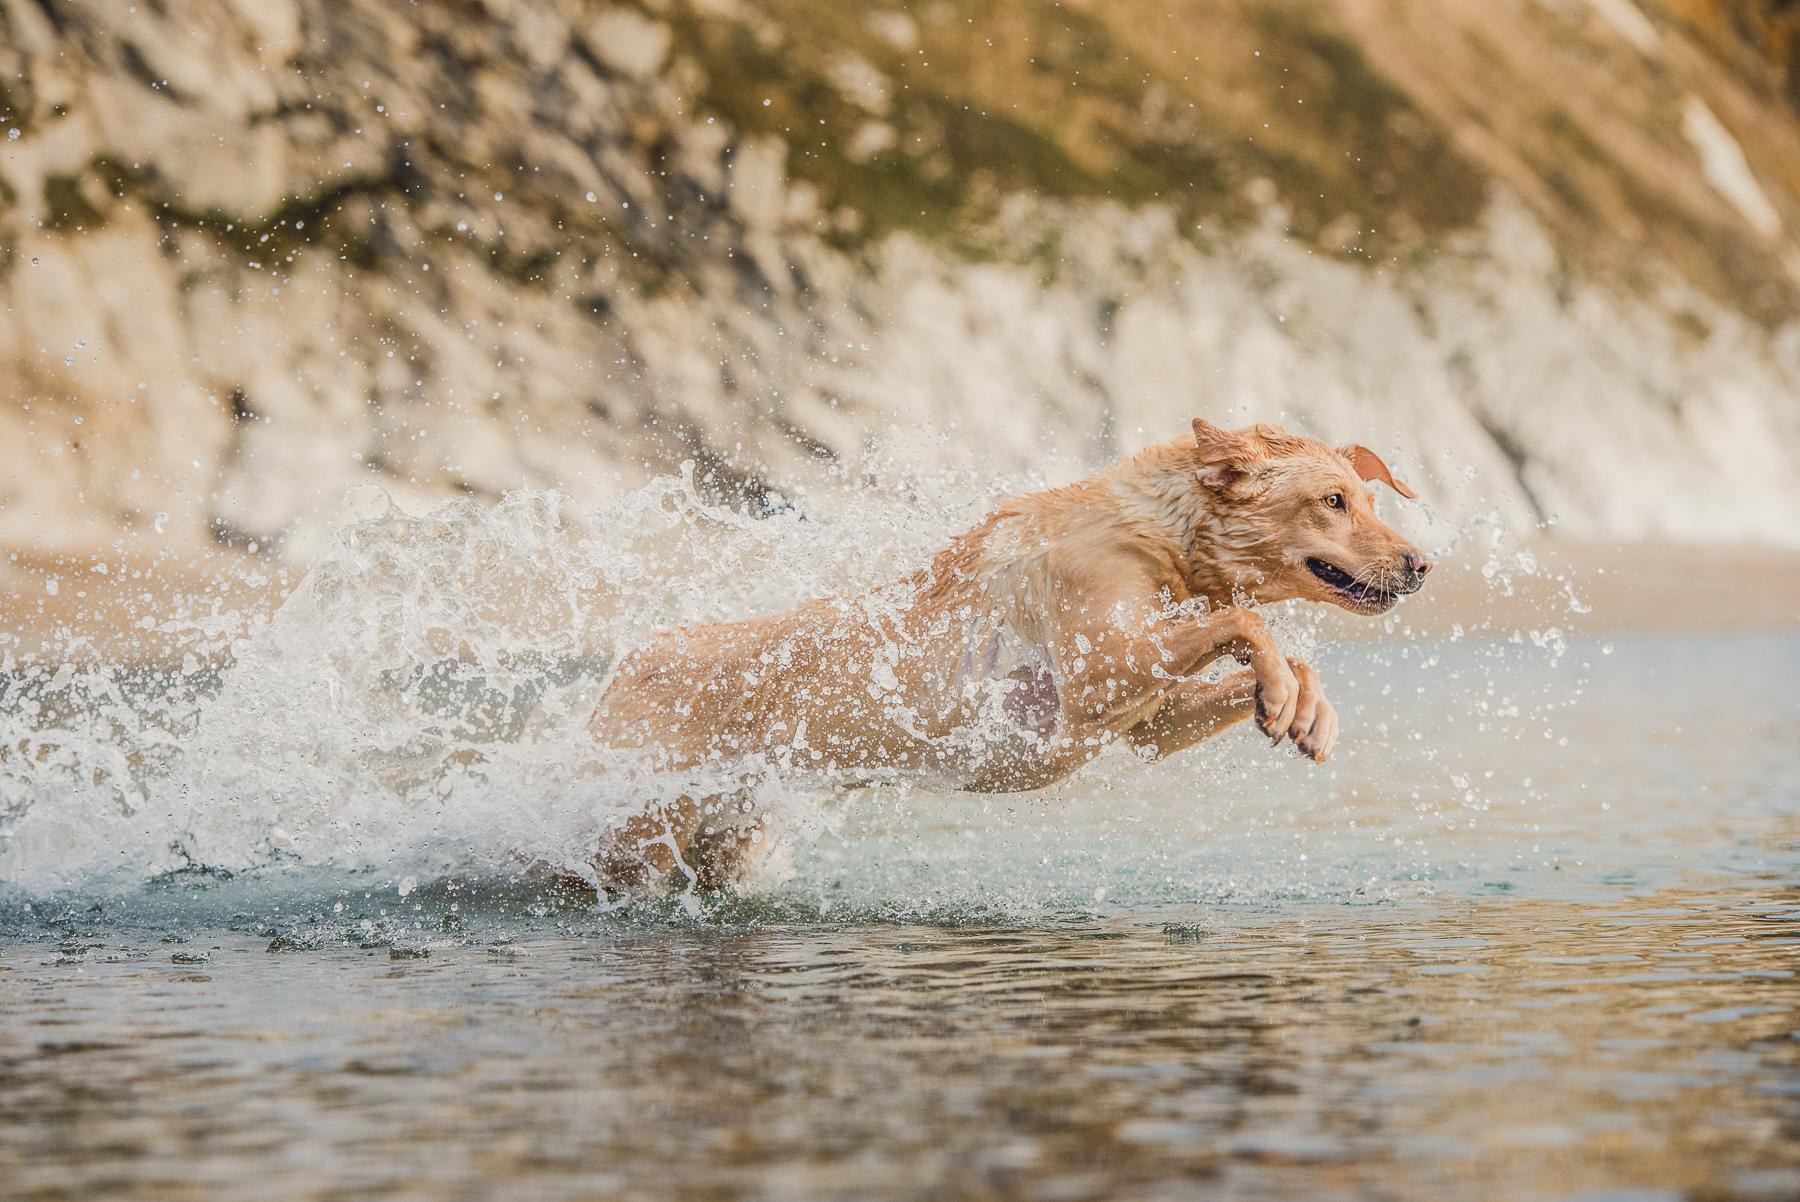 Yellow Labrador jumping through the sea after a ball